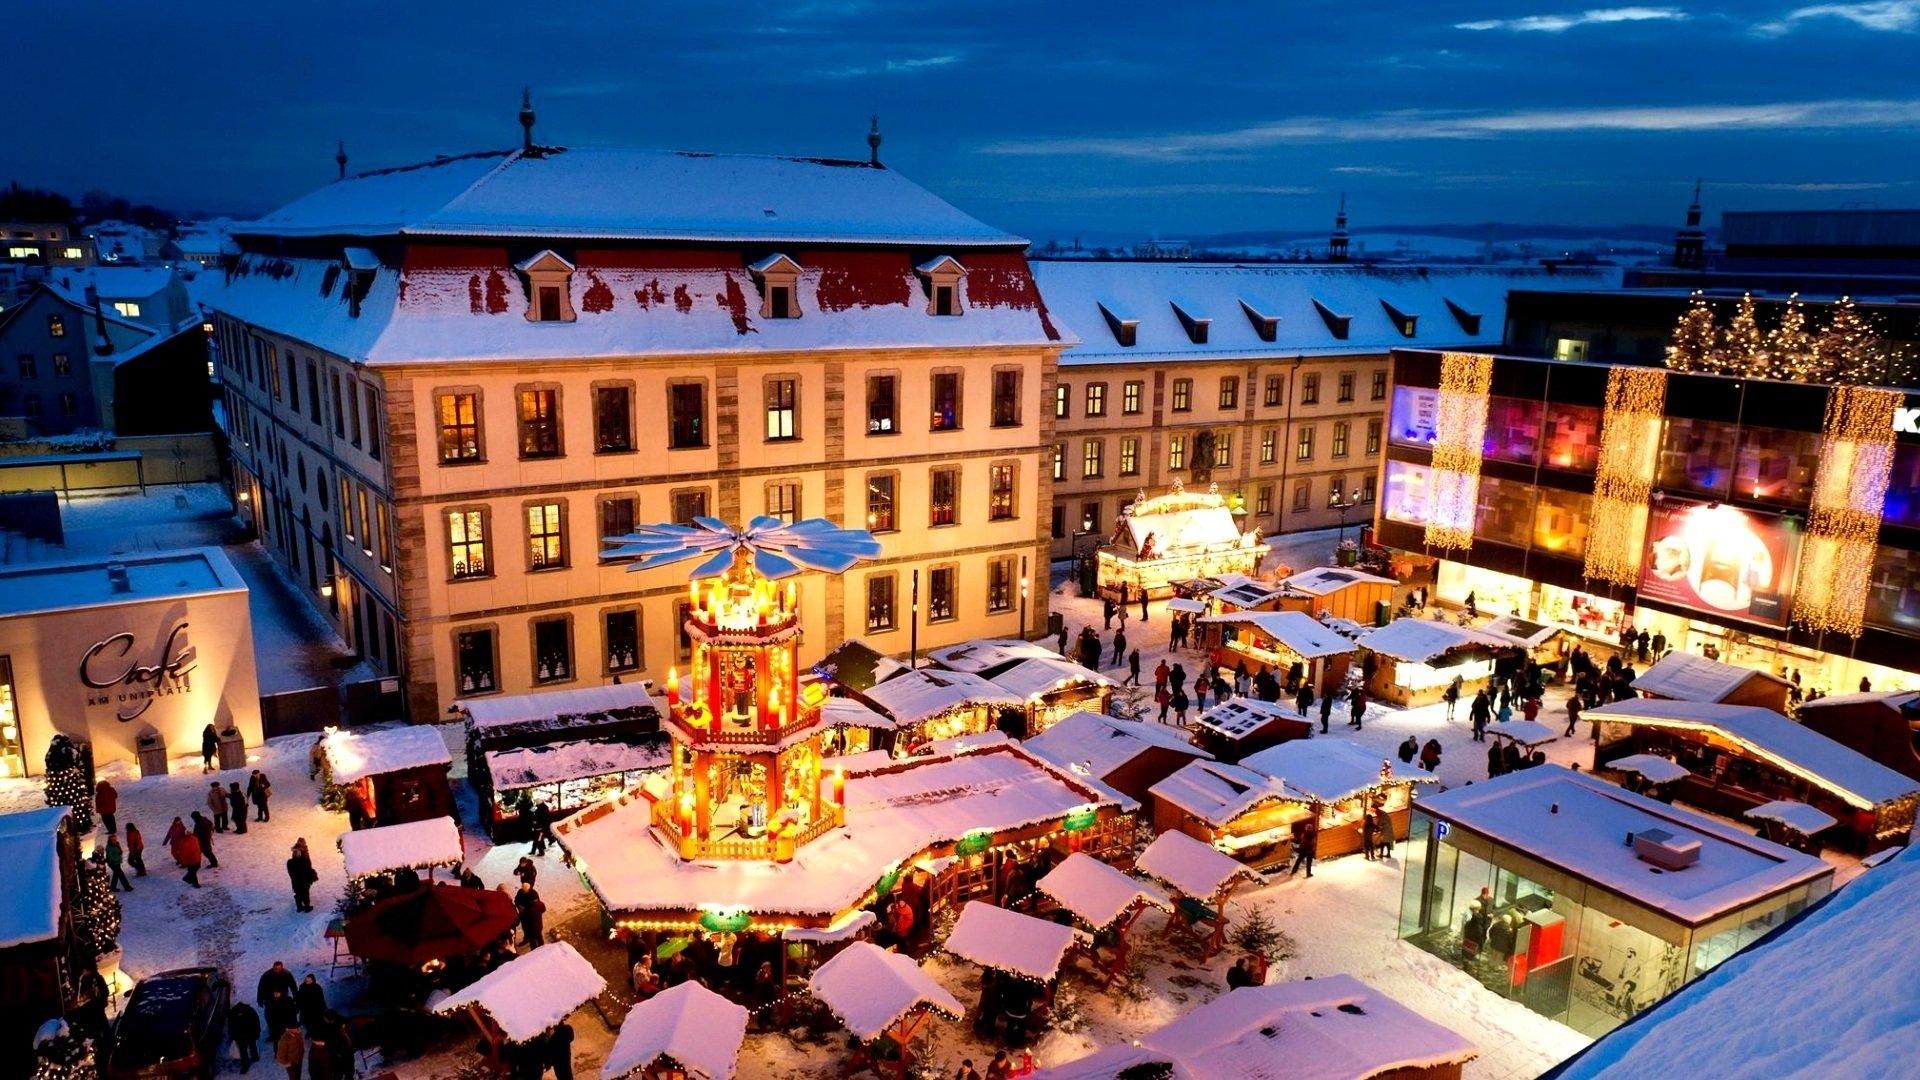 Weihnachtsmarkt Totensonntag Geöffnet.Weihnachtsmarkt Fulda Erlebnis Genuss In Barocker Atmosphäre